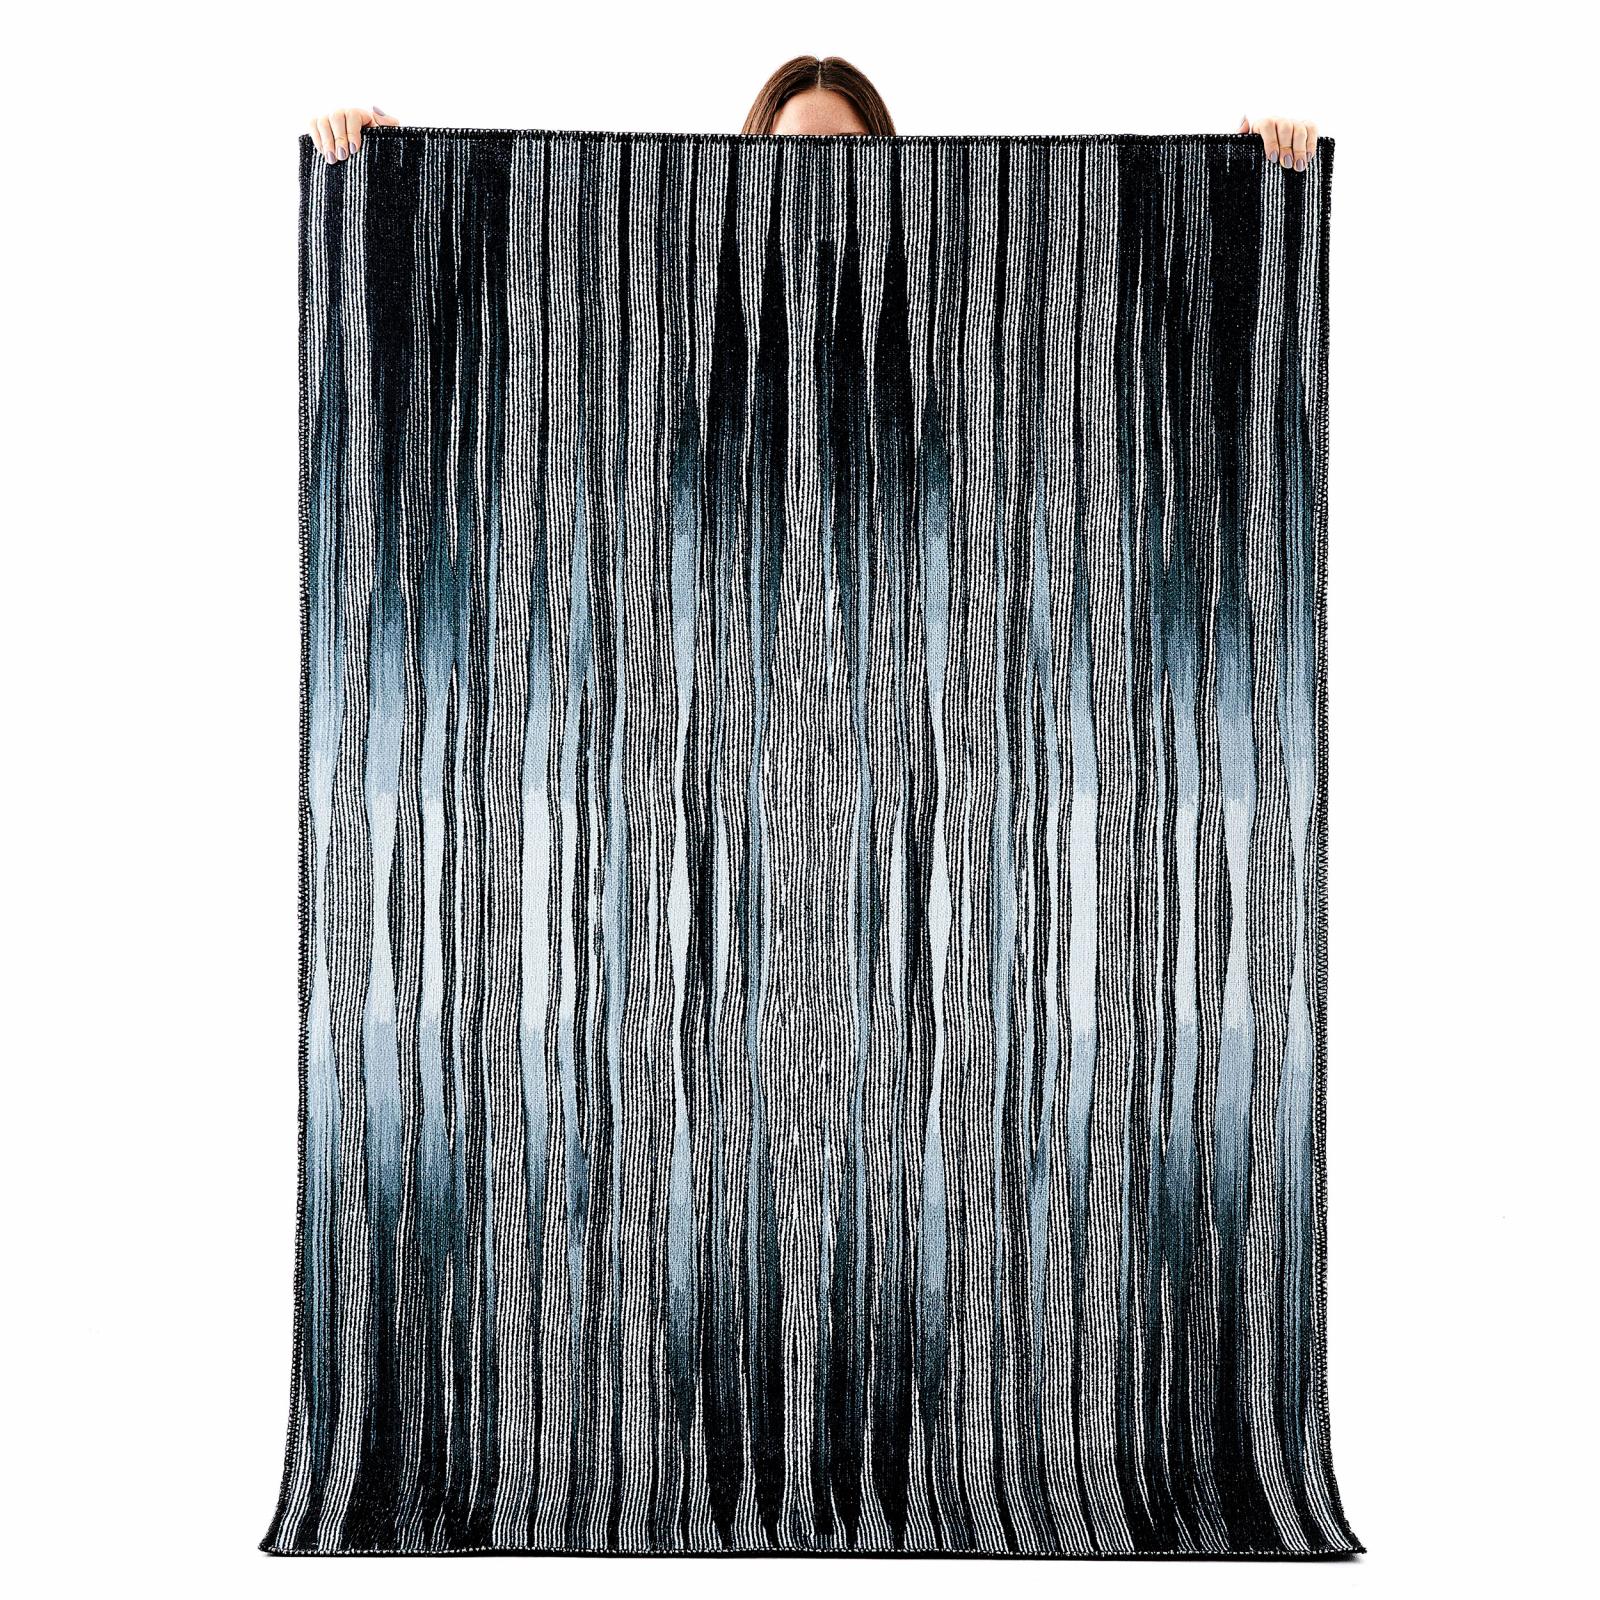 Kaşmir Halı Trend Black Line 160x230cm Halı